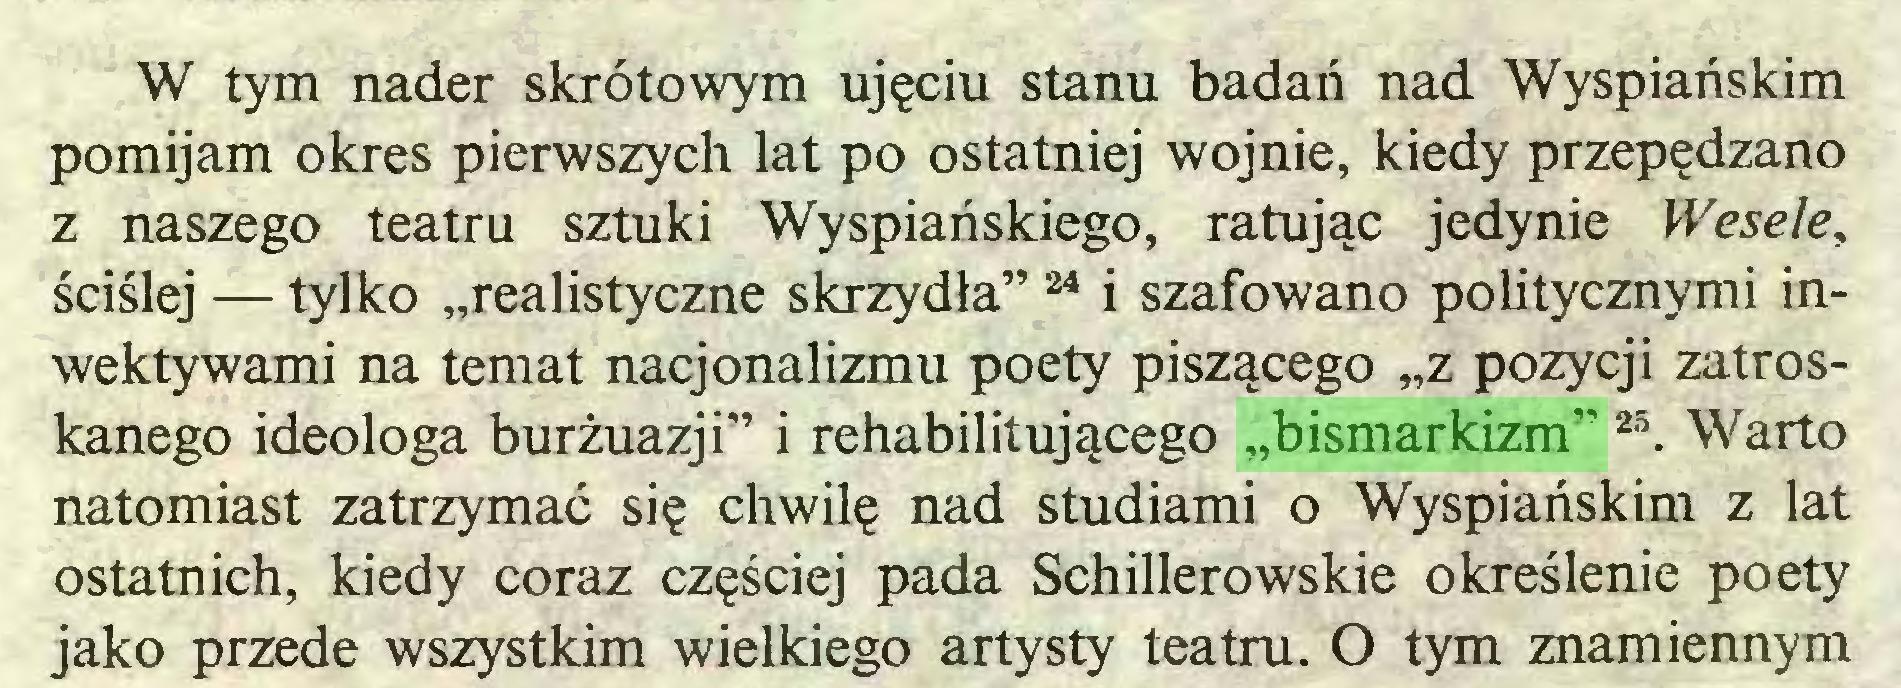 """(...) W tym nader skrótowym ujęciu stanu badań nad Wyspiańskim pomijam okres pierwszych lat po ostatniej wojnie, kiedy przepędzano z naszego teatru sztuki Wyspiańskiego, ratując jedynie Wesele, ściślej — tylko """"realistyczne skrzydła""""24 i szafowano politycznymi inwektywami na temat nacjonalizmu poety piszącego """"z pozycji zatroskanego ideologa burżuazji"""" i rehabilitującego """"bismarkizm"""" 25. Warto natomiast zatrzymać się chwilę nad studiami o Wyspiańskim z lat ostatnich, kiedy coraz częściej pada Schillerowskie określenie poety jako przede wszystkim wielkiego artysty teatru. O tym znamiennym..."""